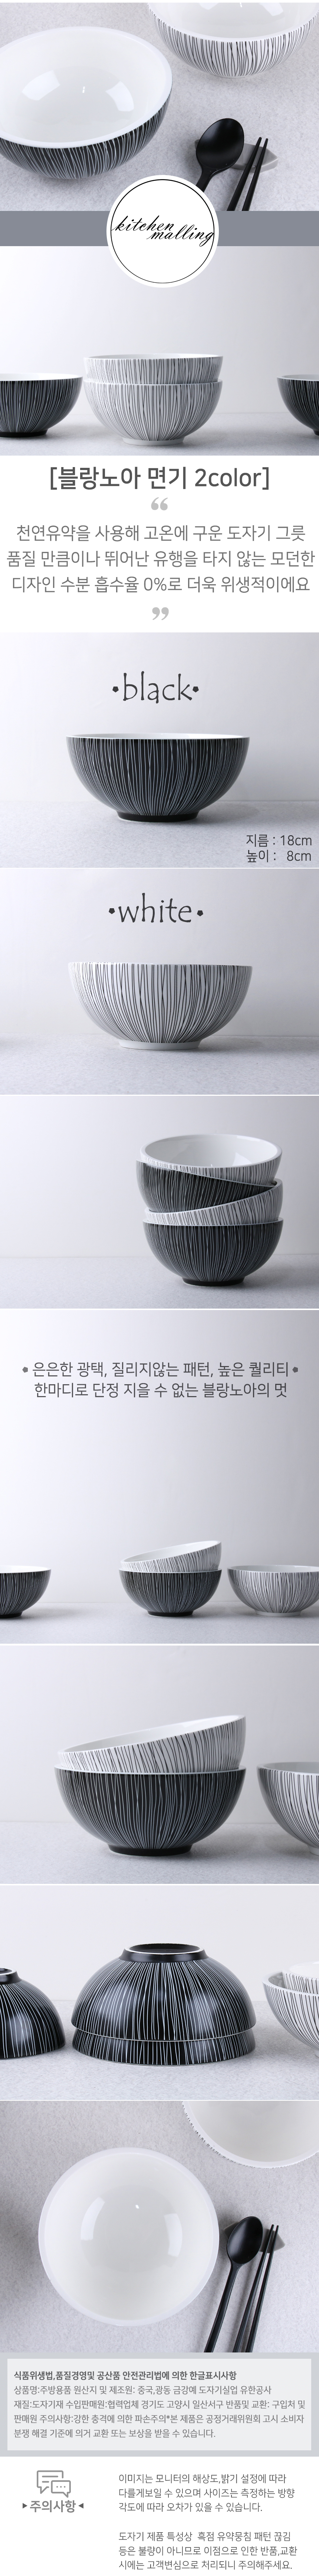 블랑노아 면기 1p - 키친몰링, 10,000원, 파스타/면기/스프, 면기